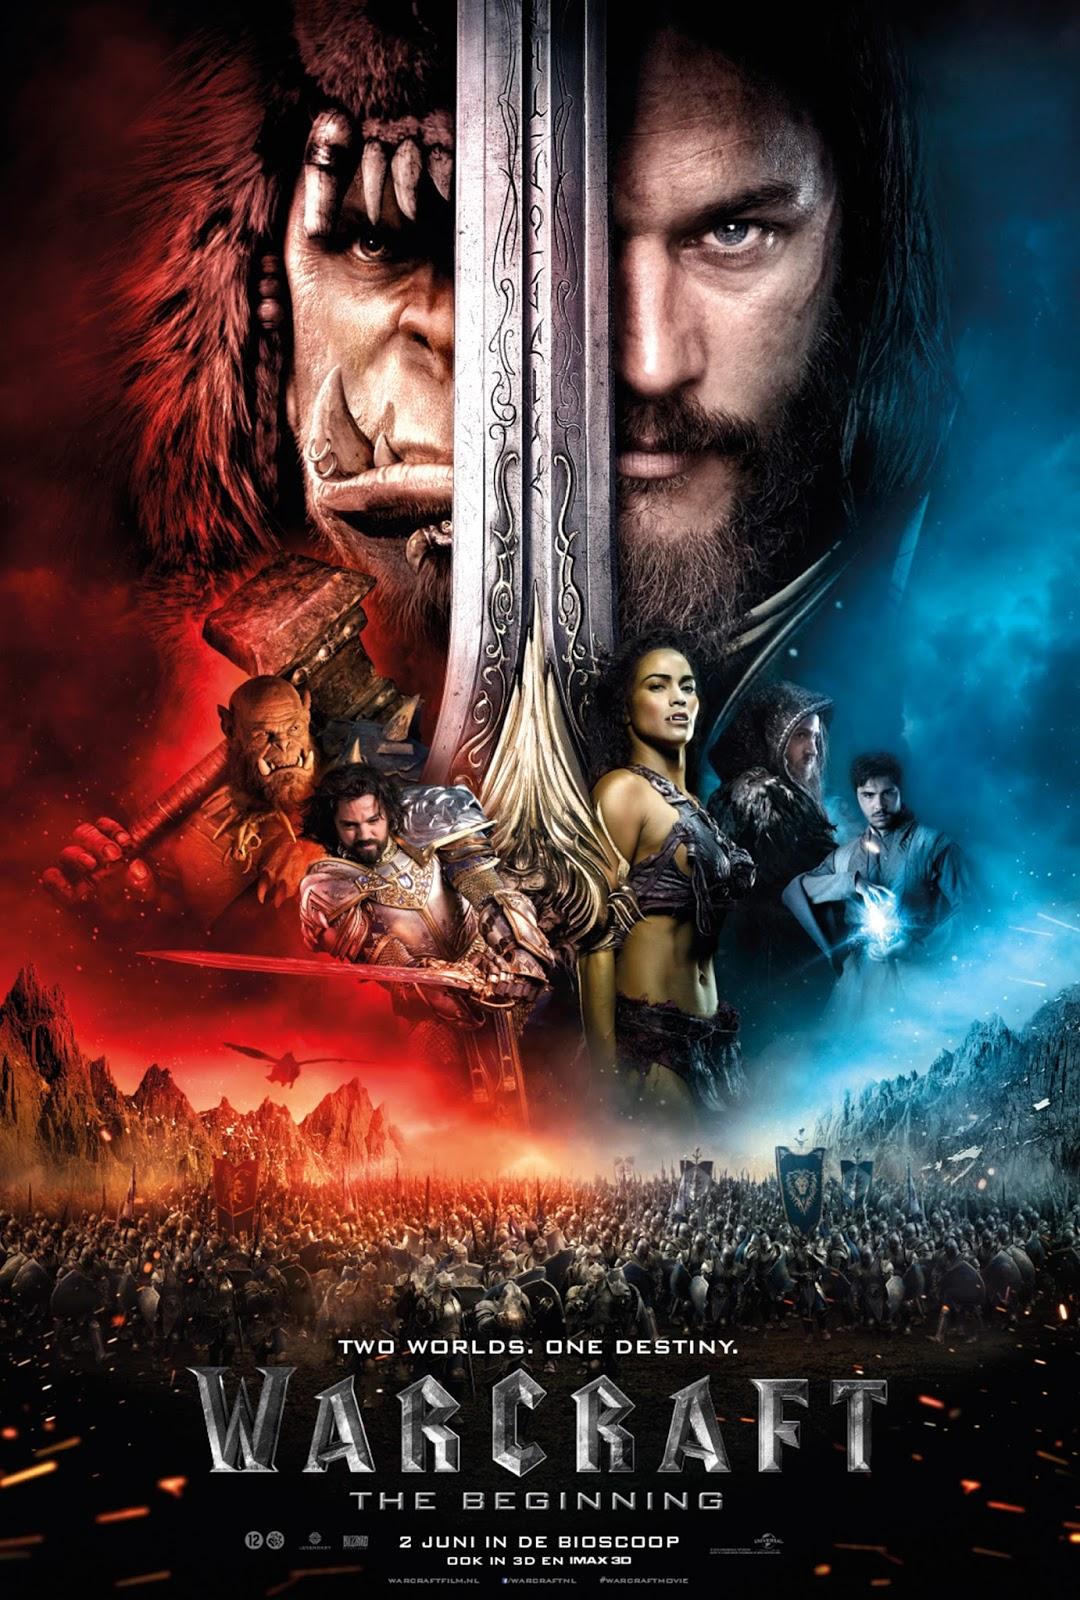 ตัวอย่างหนังใหม่ : Warcraft (วอร์คราฟต์ : กำเนิดศึกสองพิภพ) ตัวอย่างที่ 2 ซับไทย poster14